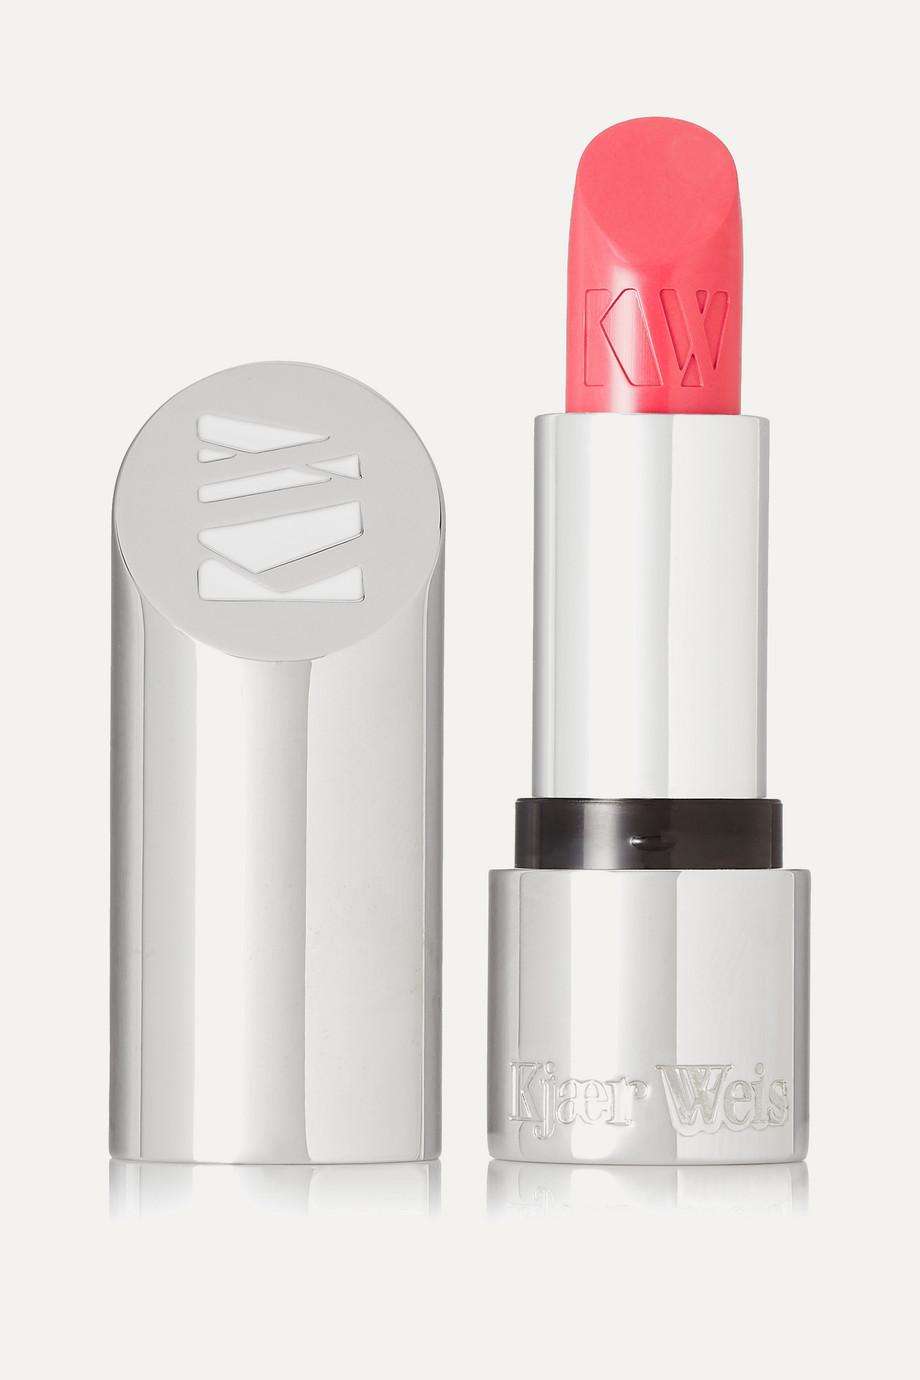 Kjaer Weis Lipstick - Love